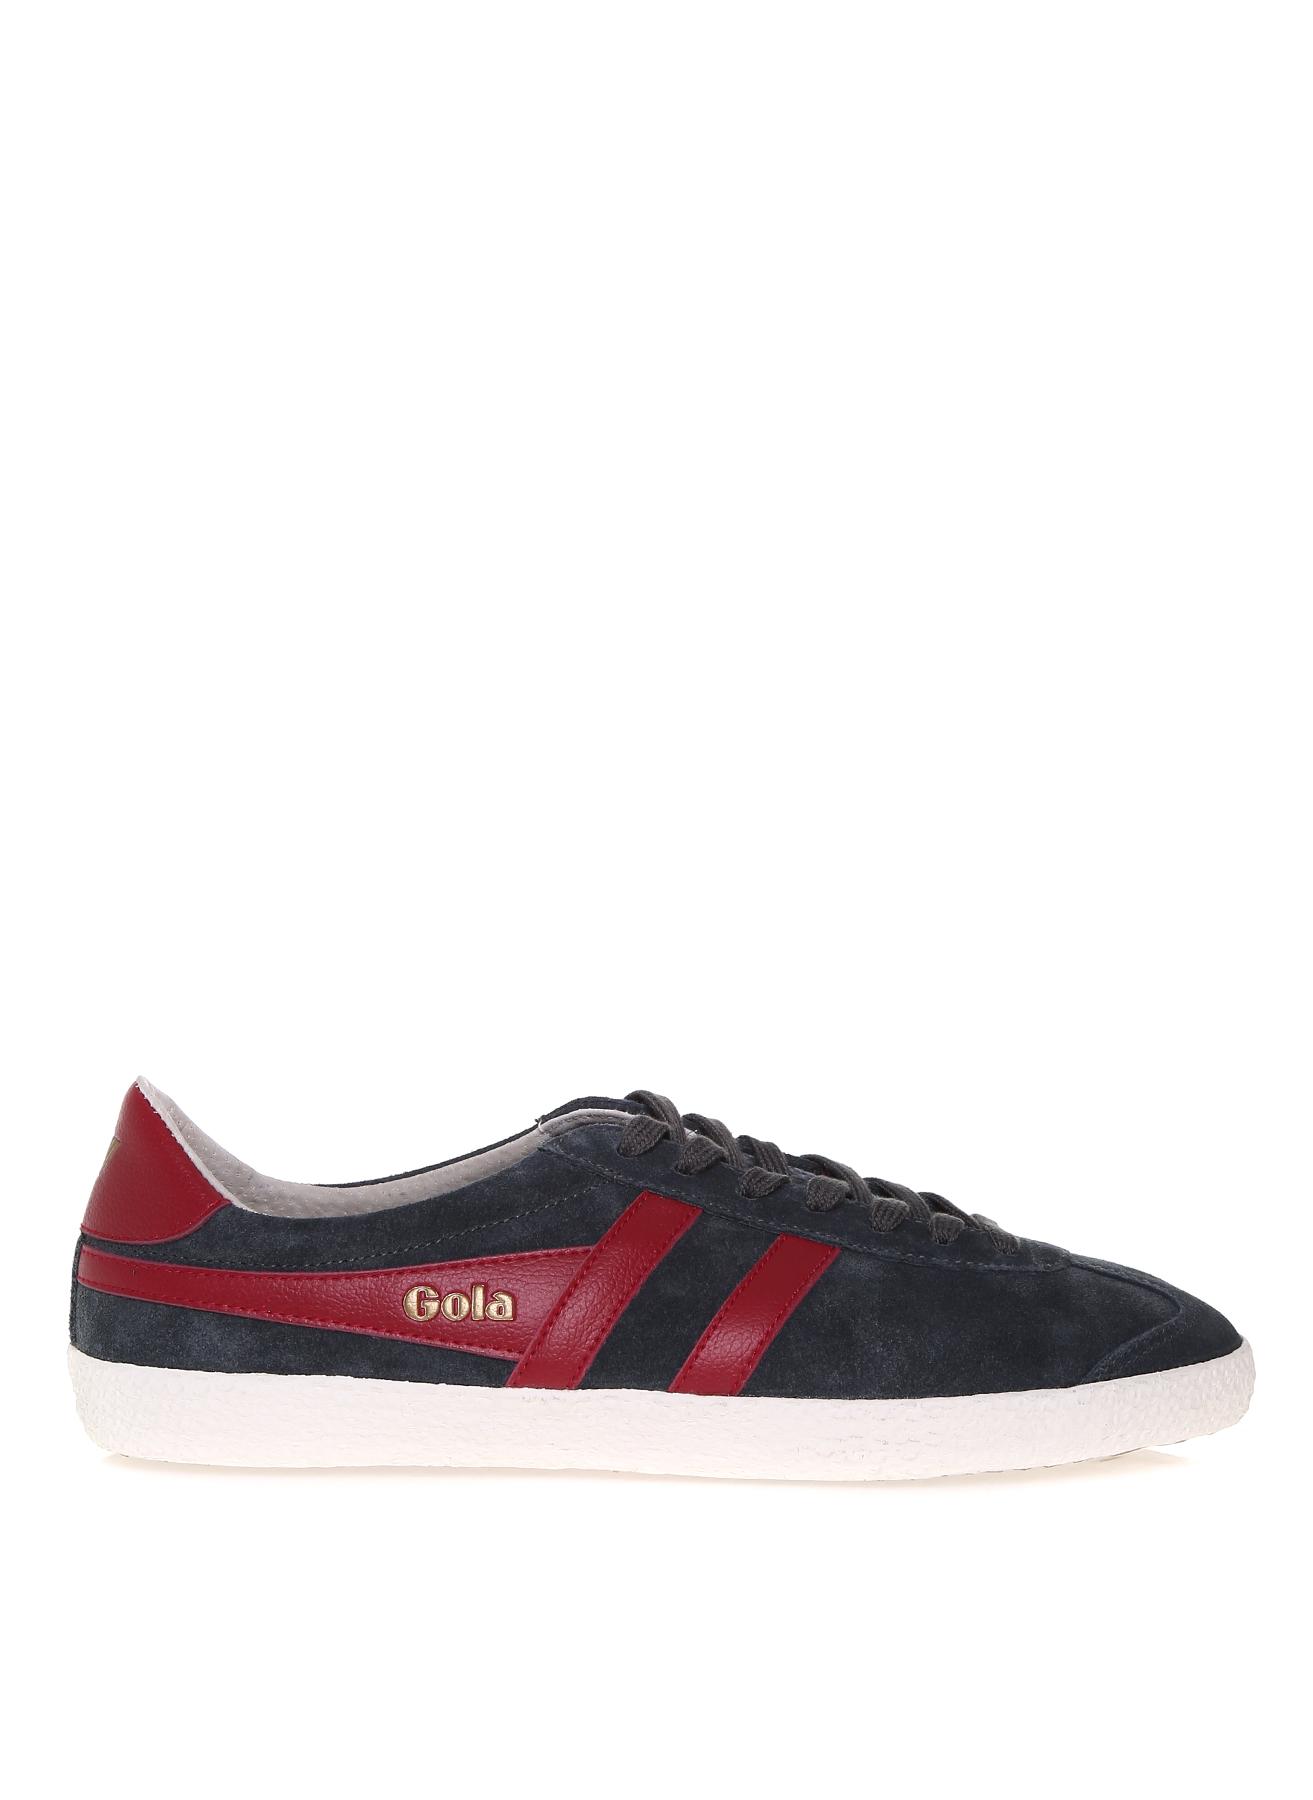 Gola Lifestyle Ayakkabı 41 5002362422001 Ürün Resmi